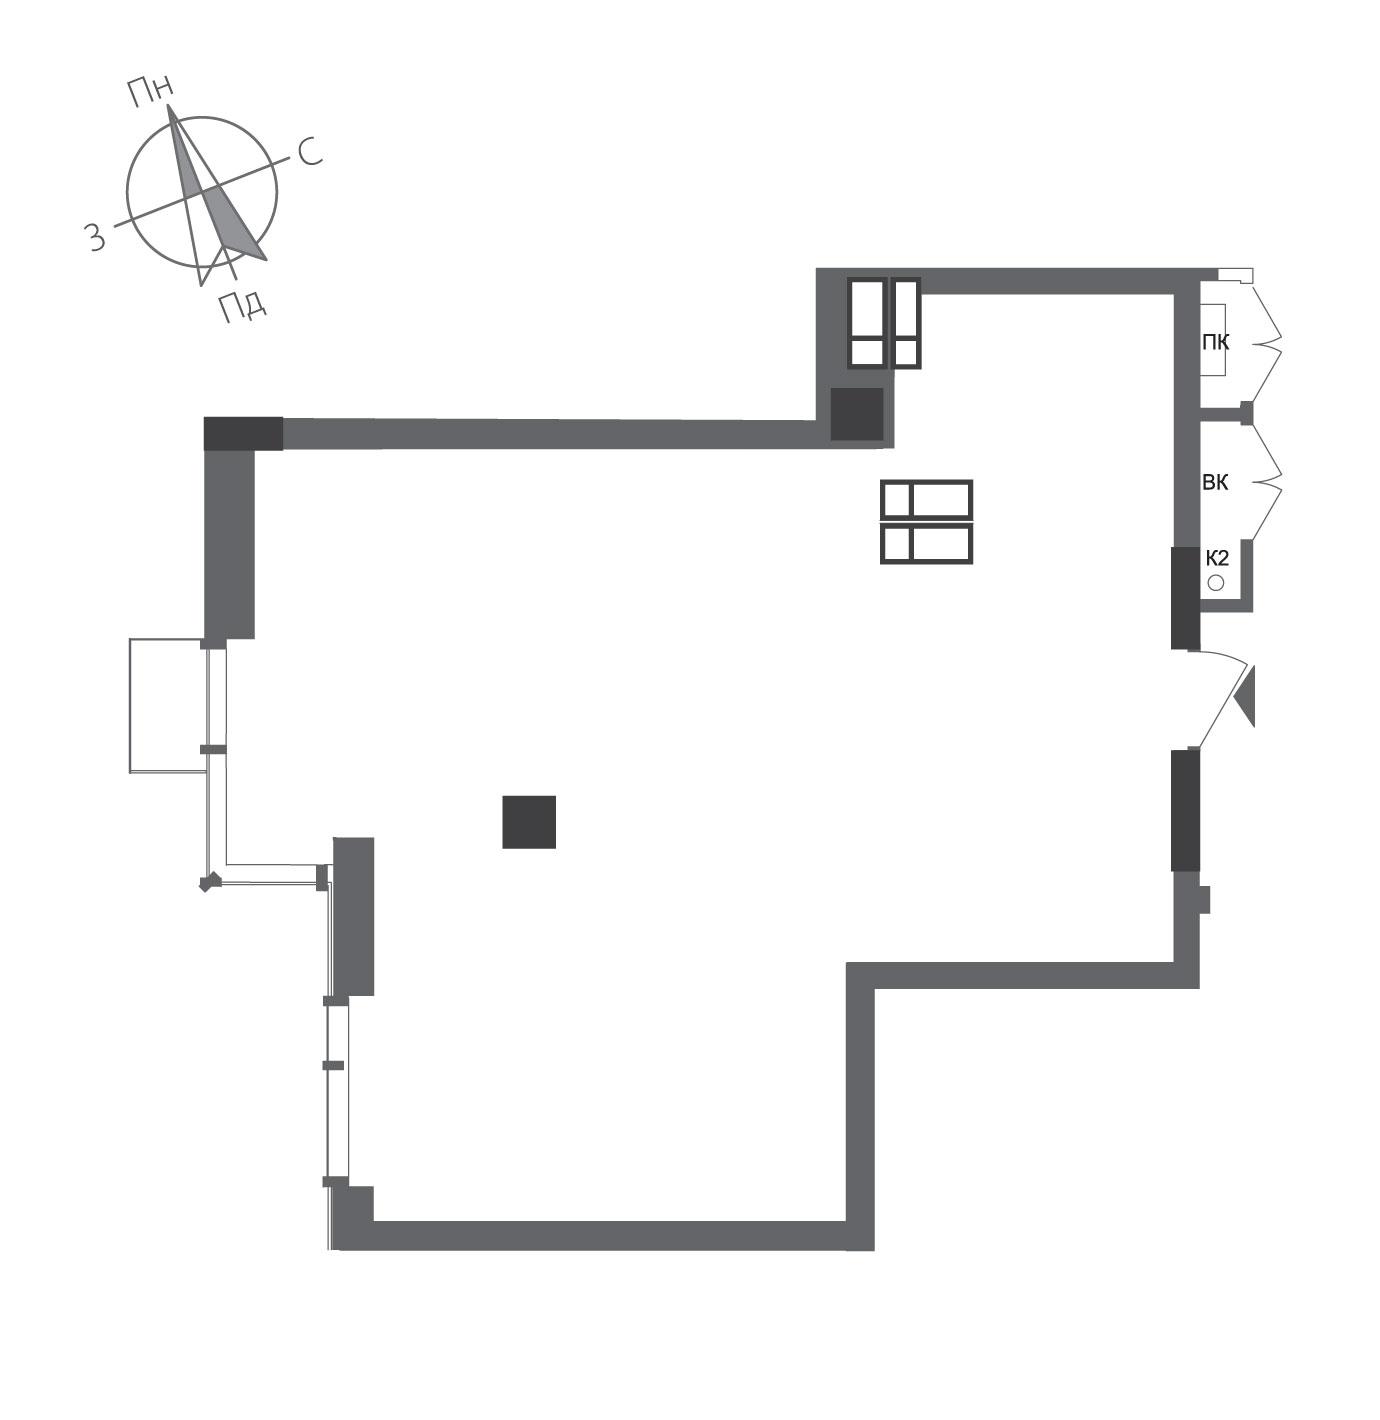 Однокомнатная квартира в ЖК RiverStone Номер квартиры №23, Дом 8, Этаж 23, Полная площадь 58,74